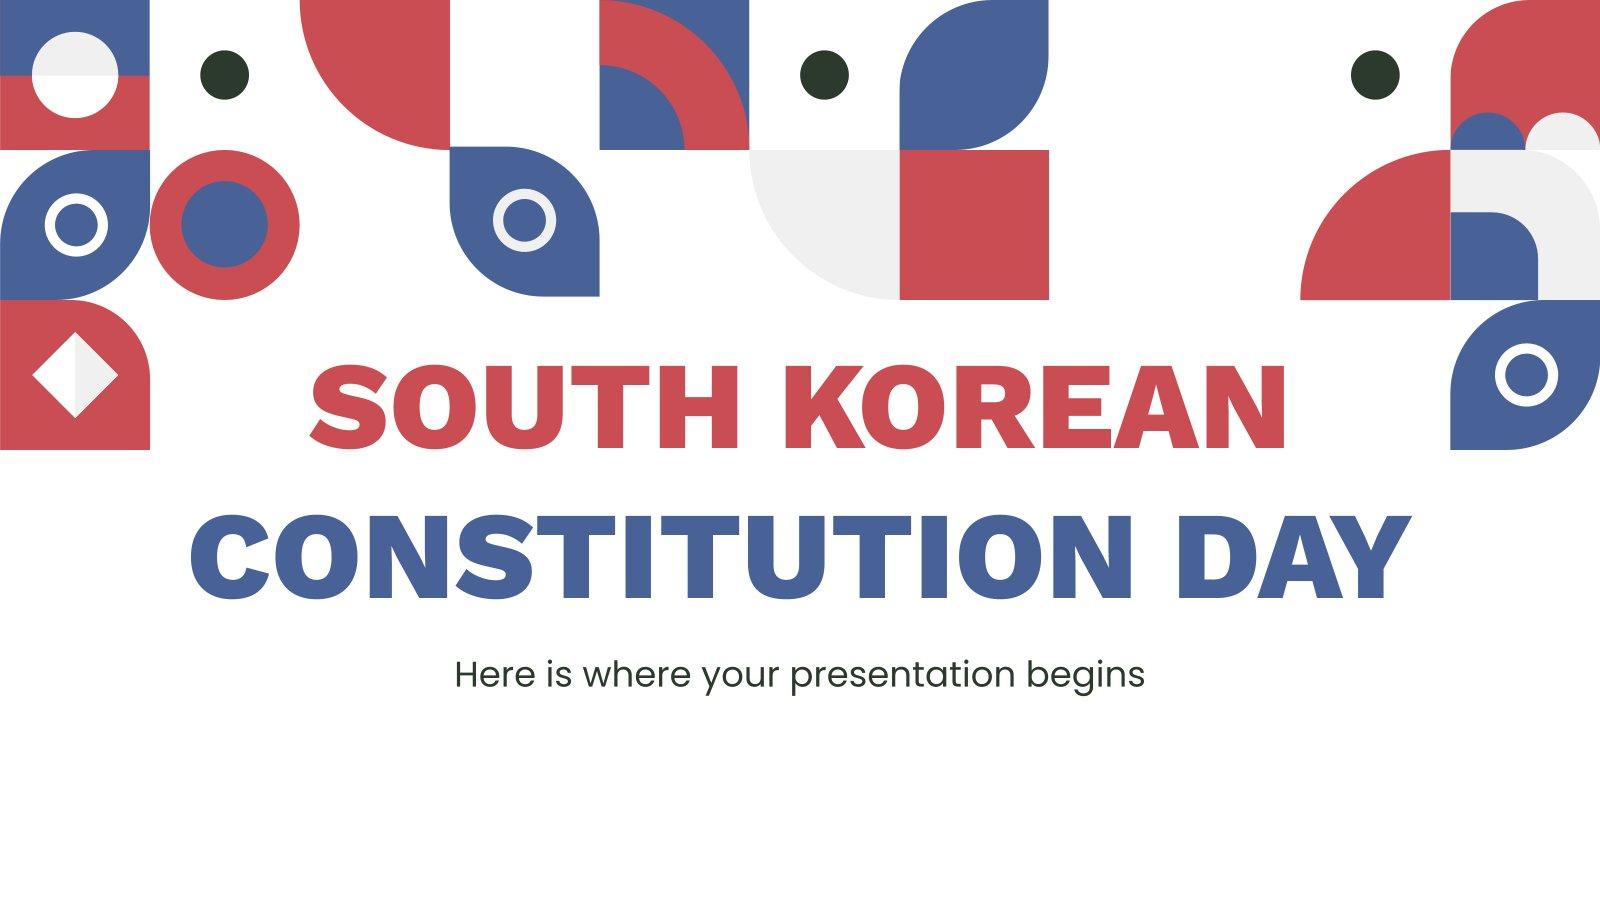 Modelo de apresentação Dia da Constituição (Coréia do Sul)